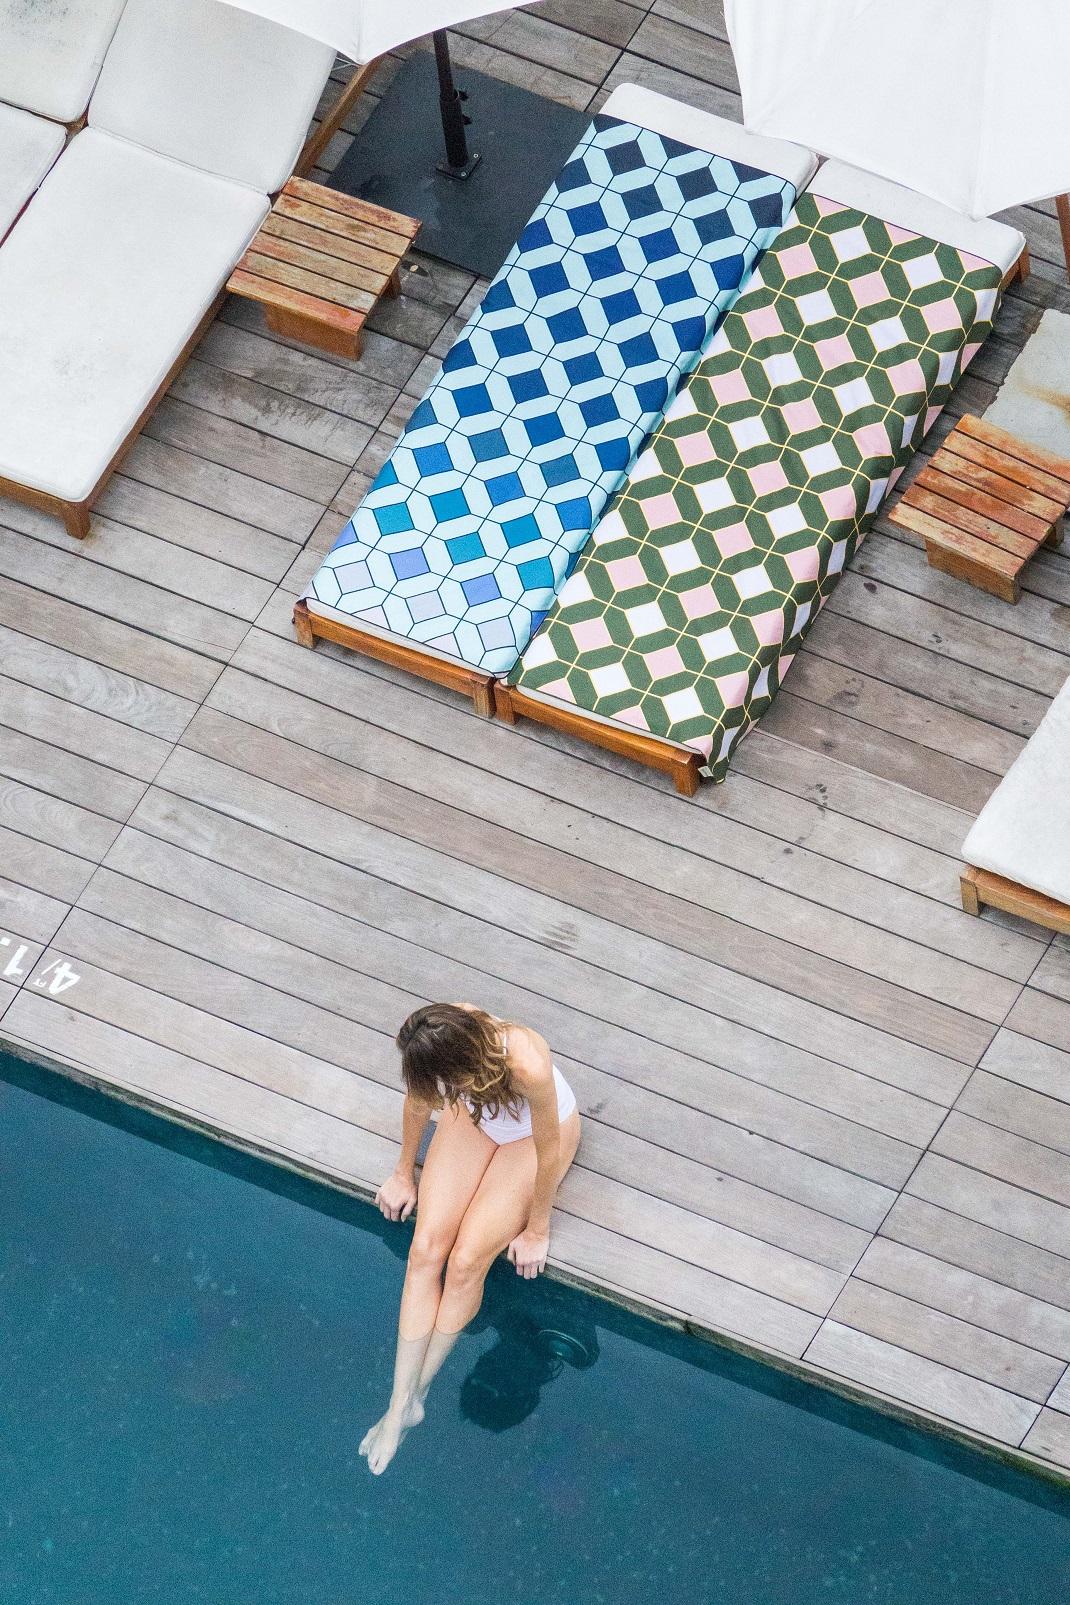 γυναίκα κάθεται σε πετσέτα anaskela